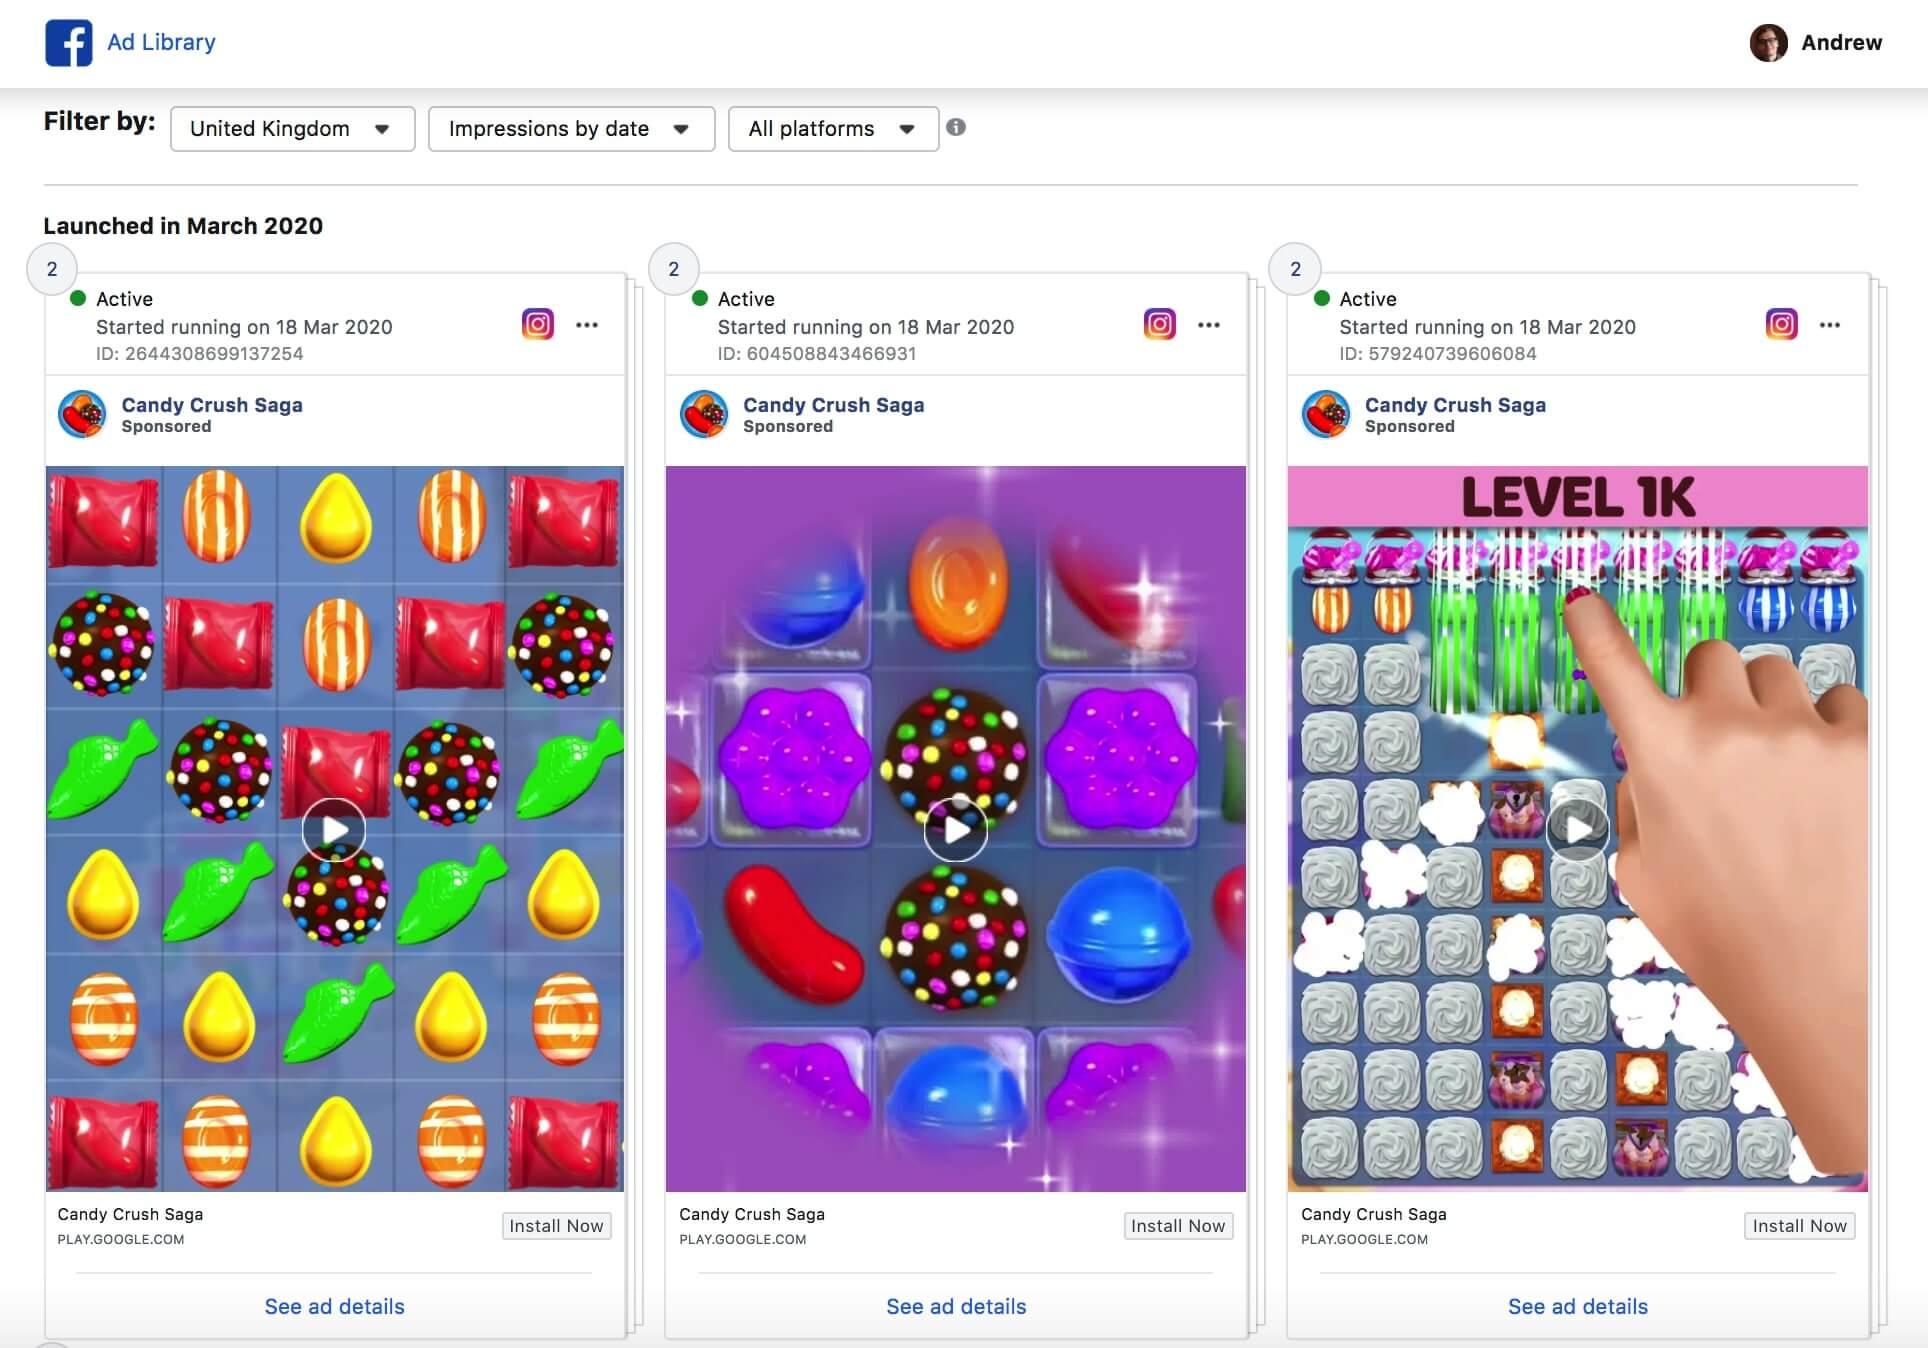 ad library screenshot